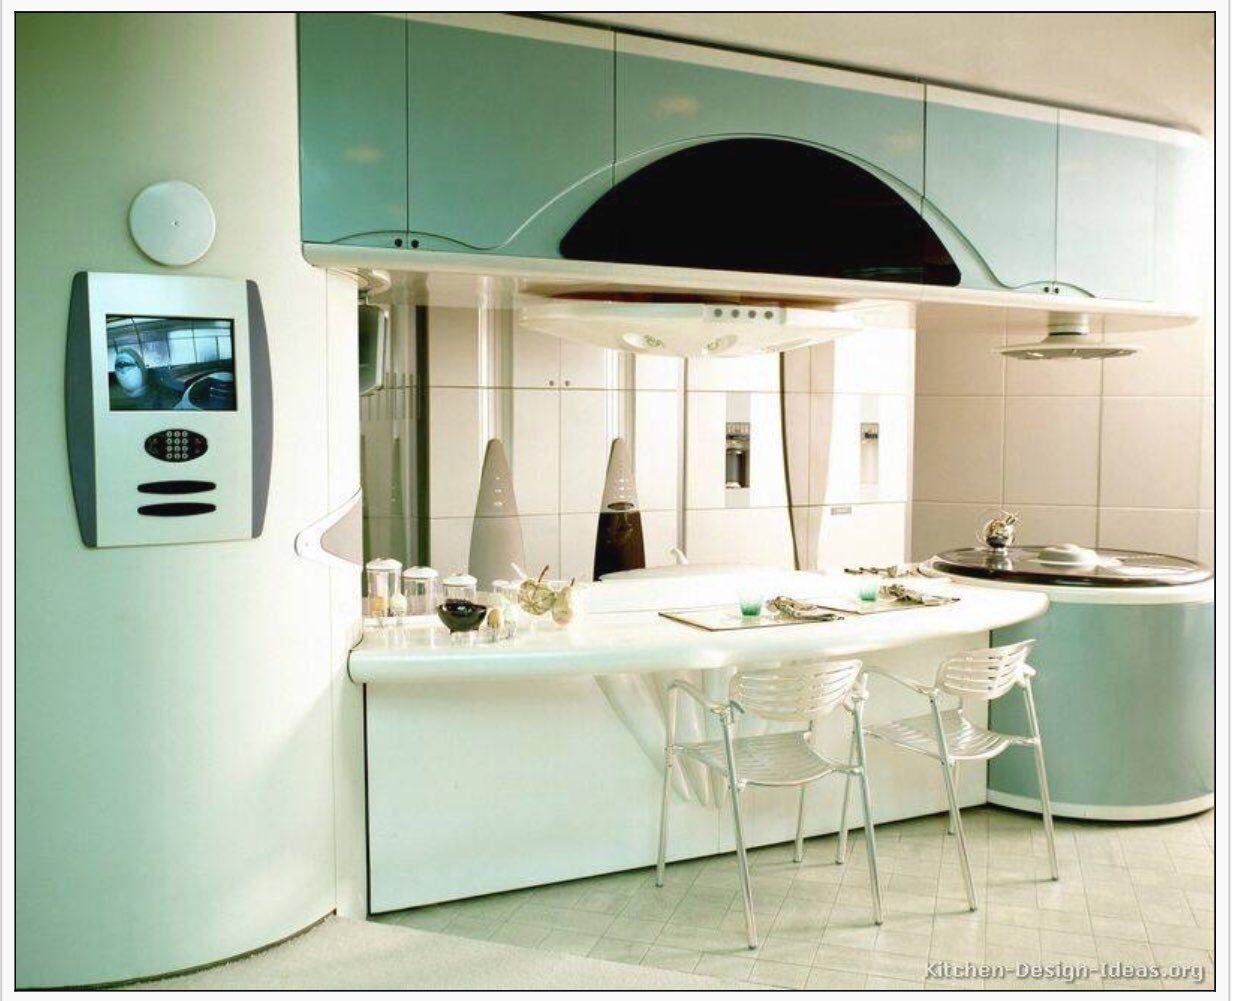 Trend Alert Retro Kitchen Designs With A Modern Twist Interiordesign Trends Via Kitch Modern Retro Kitchen Retro Kitchen Appliances Kitchen Design Pictures